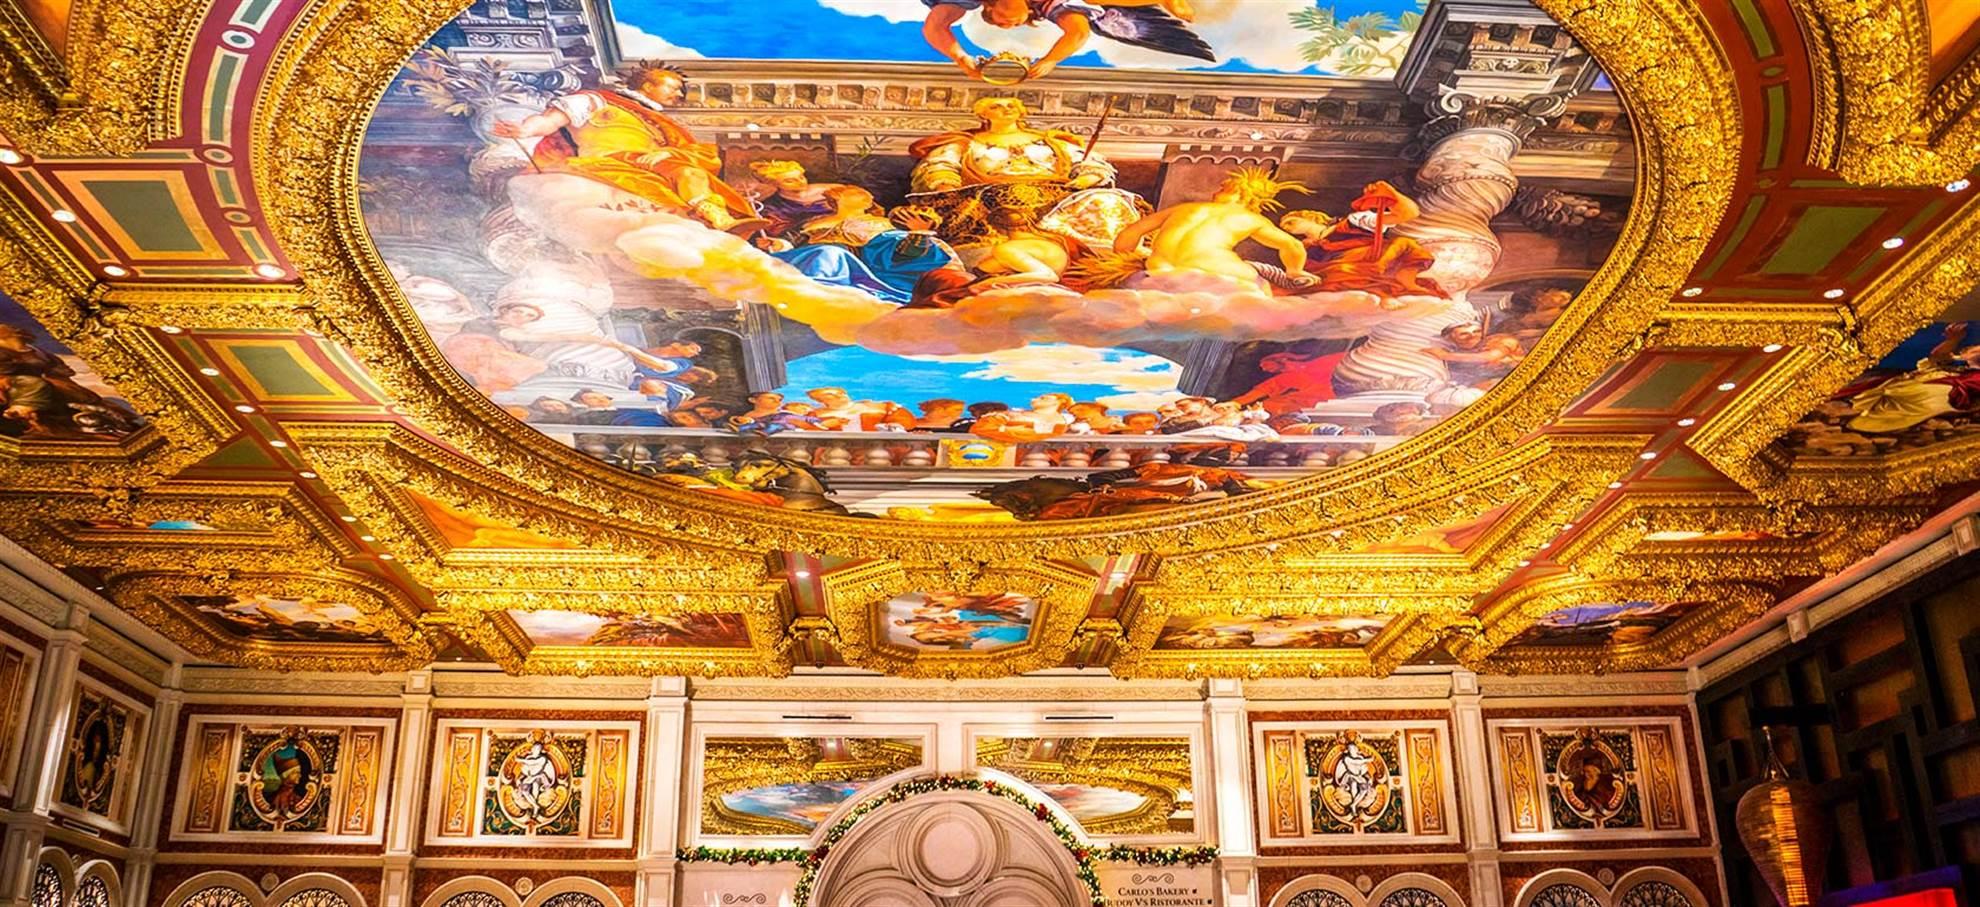 Chapelle Sixtine - Musée Vatican en VIP (T3 E AM)